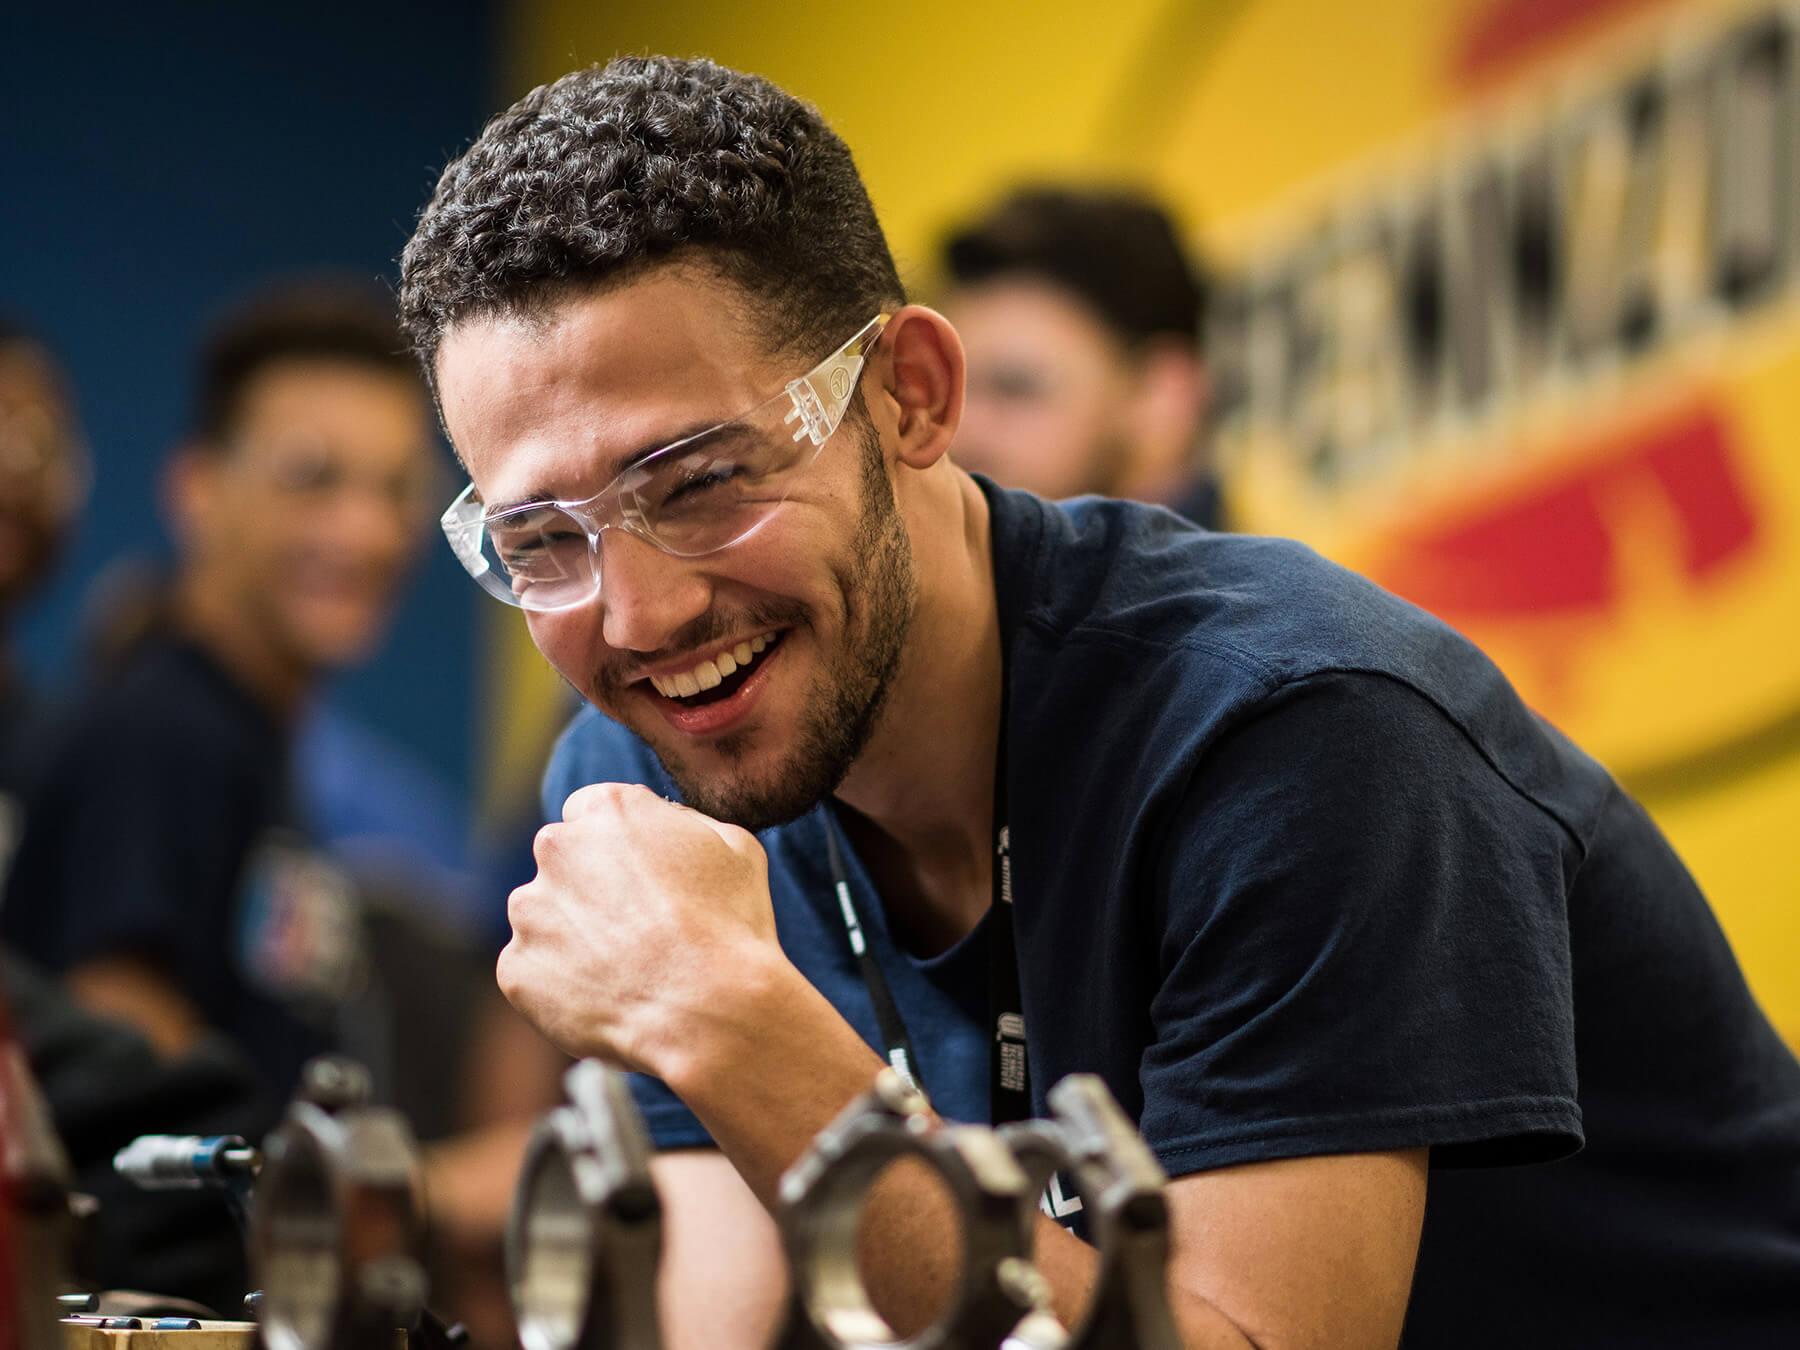 UTI student smiling